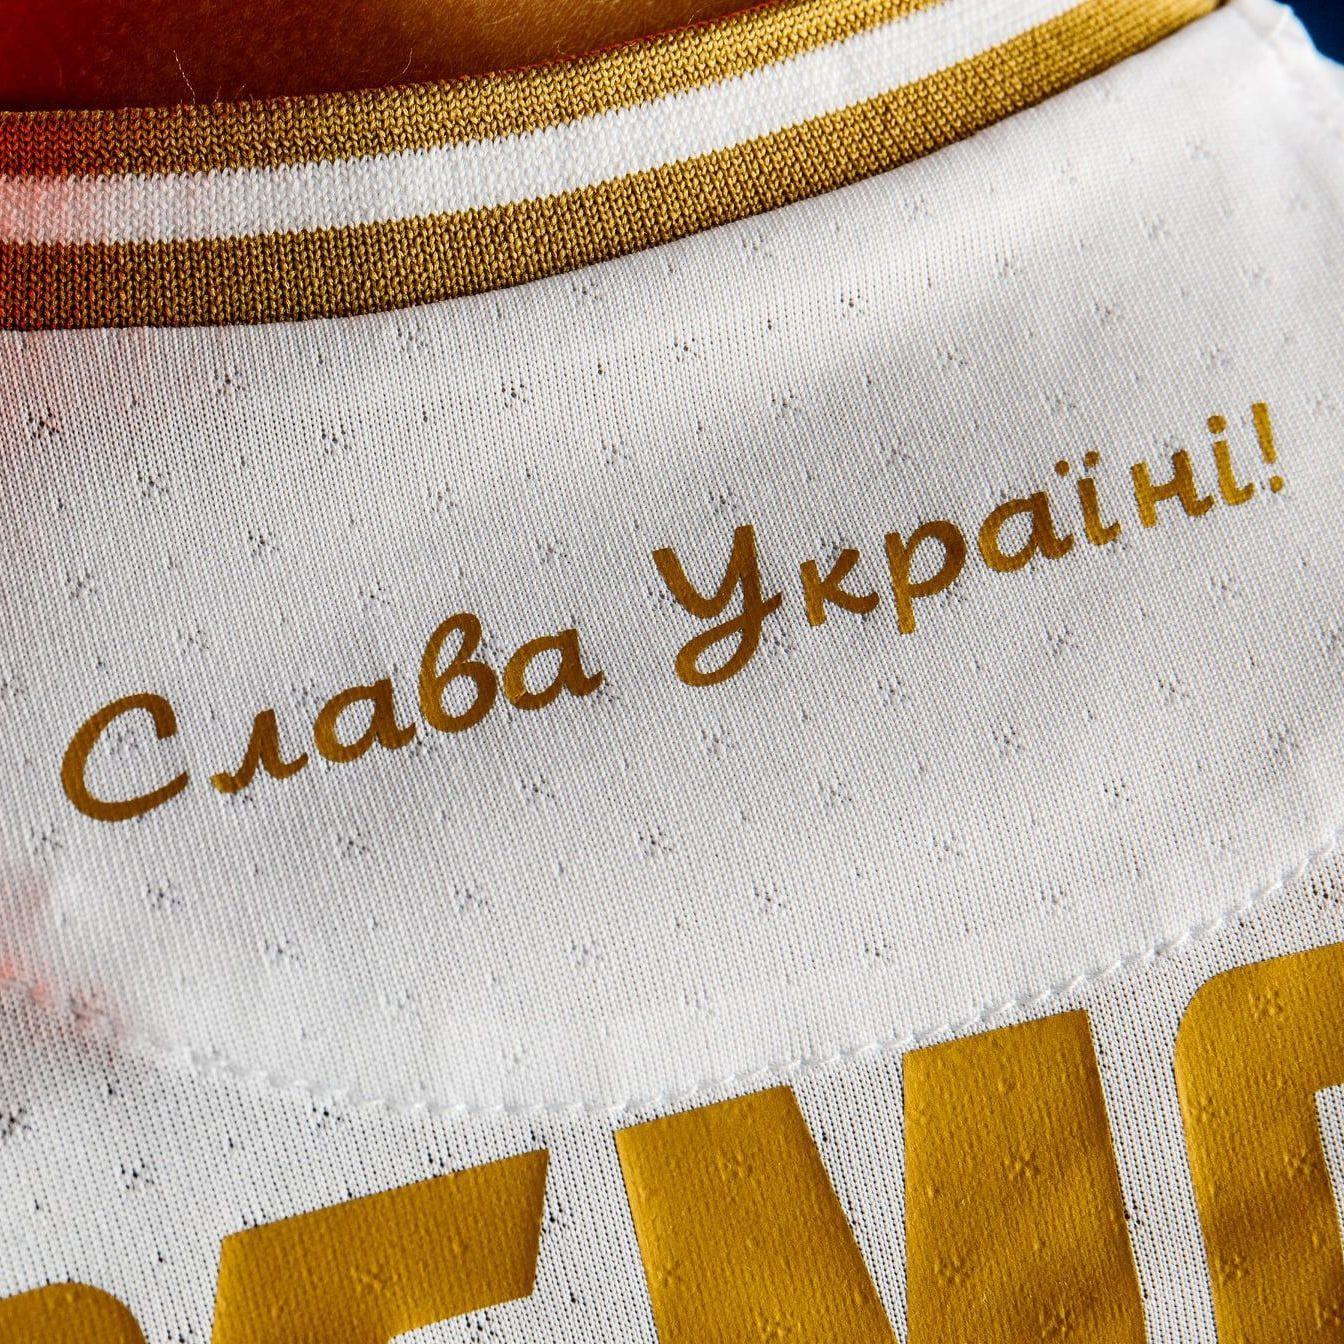 """МИД России сравнил надпись на футболках сборной Украины с нацистским приветствием """"Хайль Гитлер!"""""""